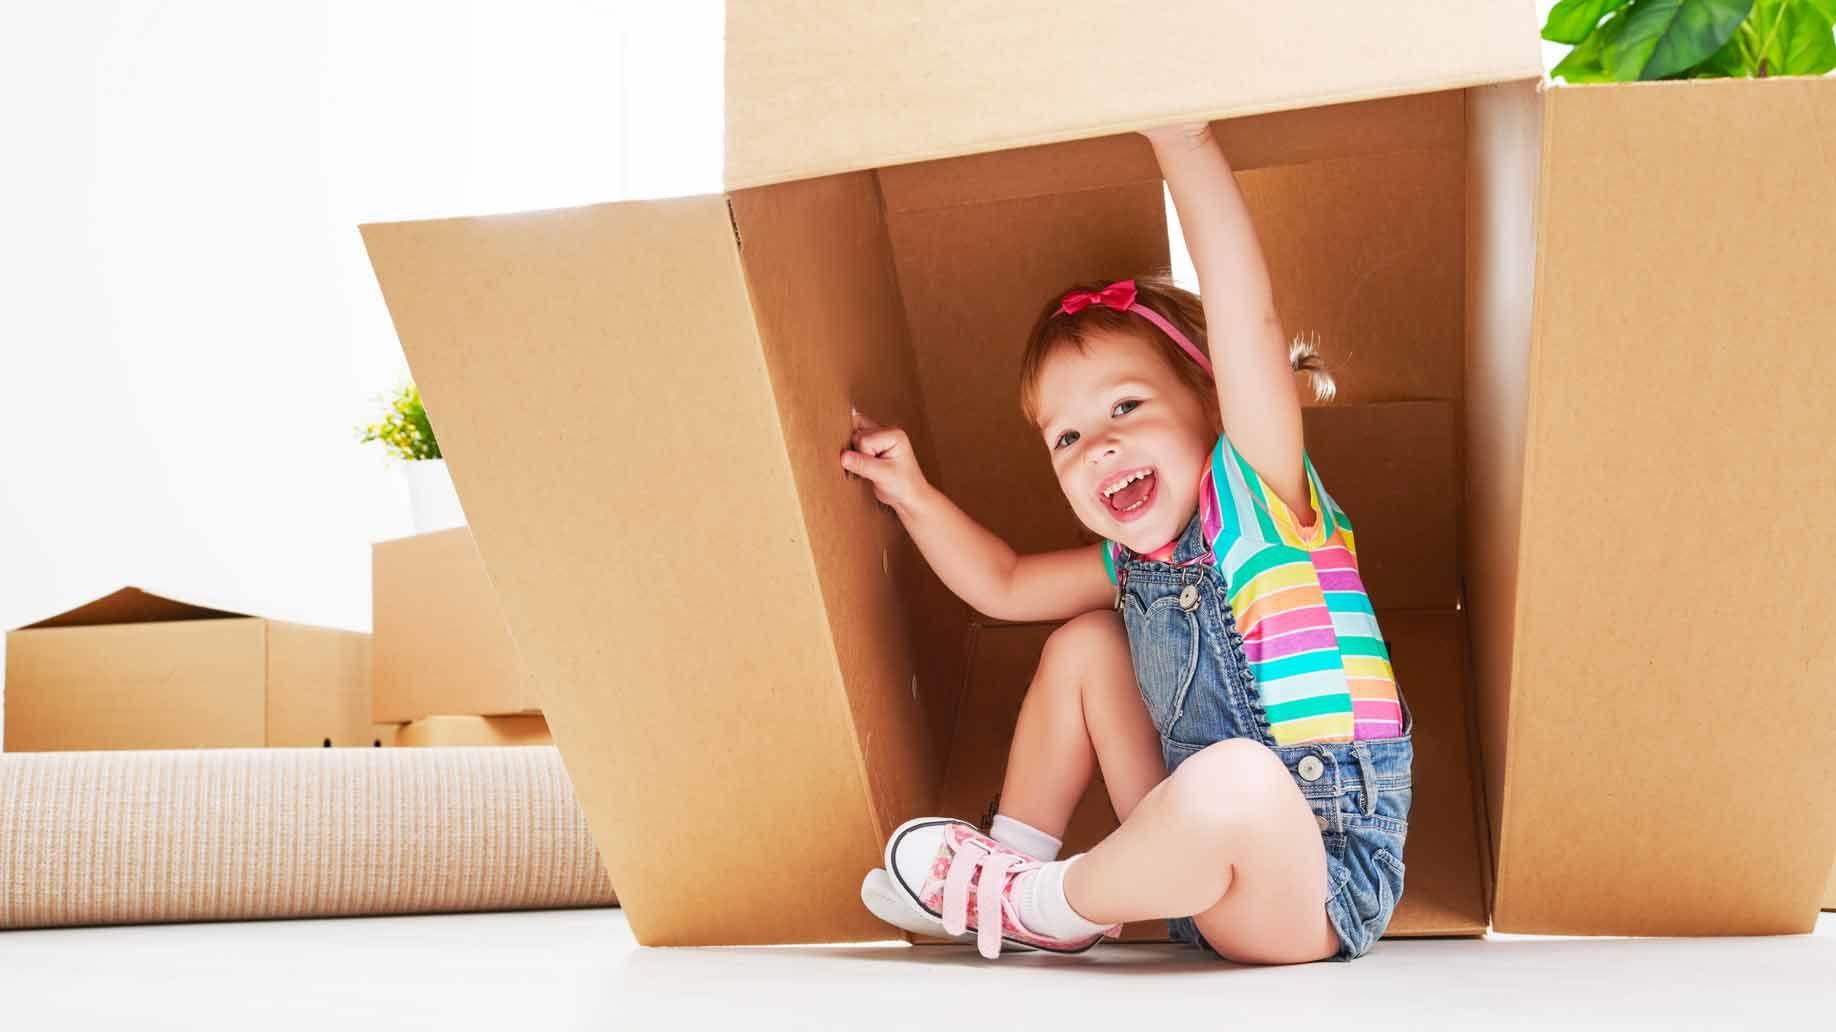 1. Membantu daya imajinasi anak